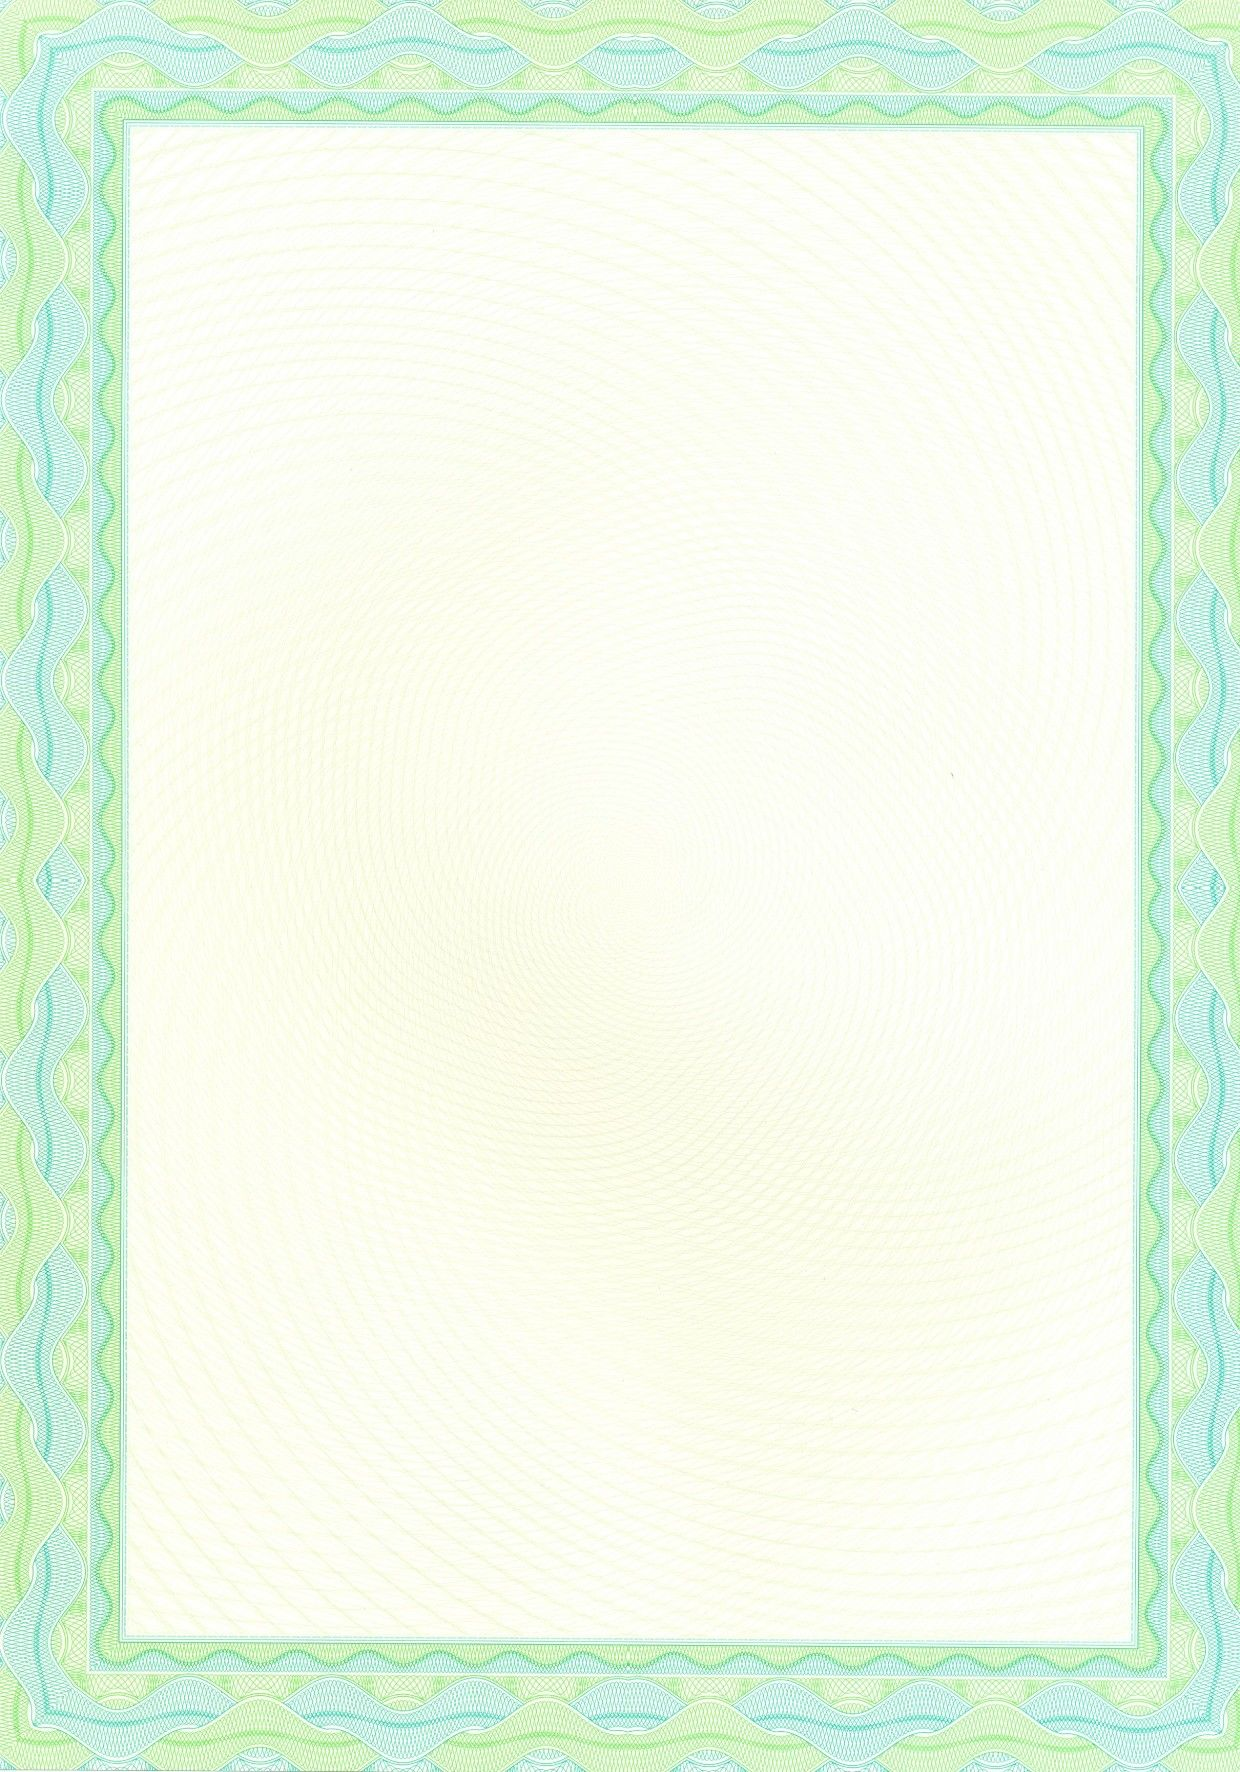 diploma watermark paper